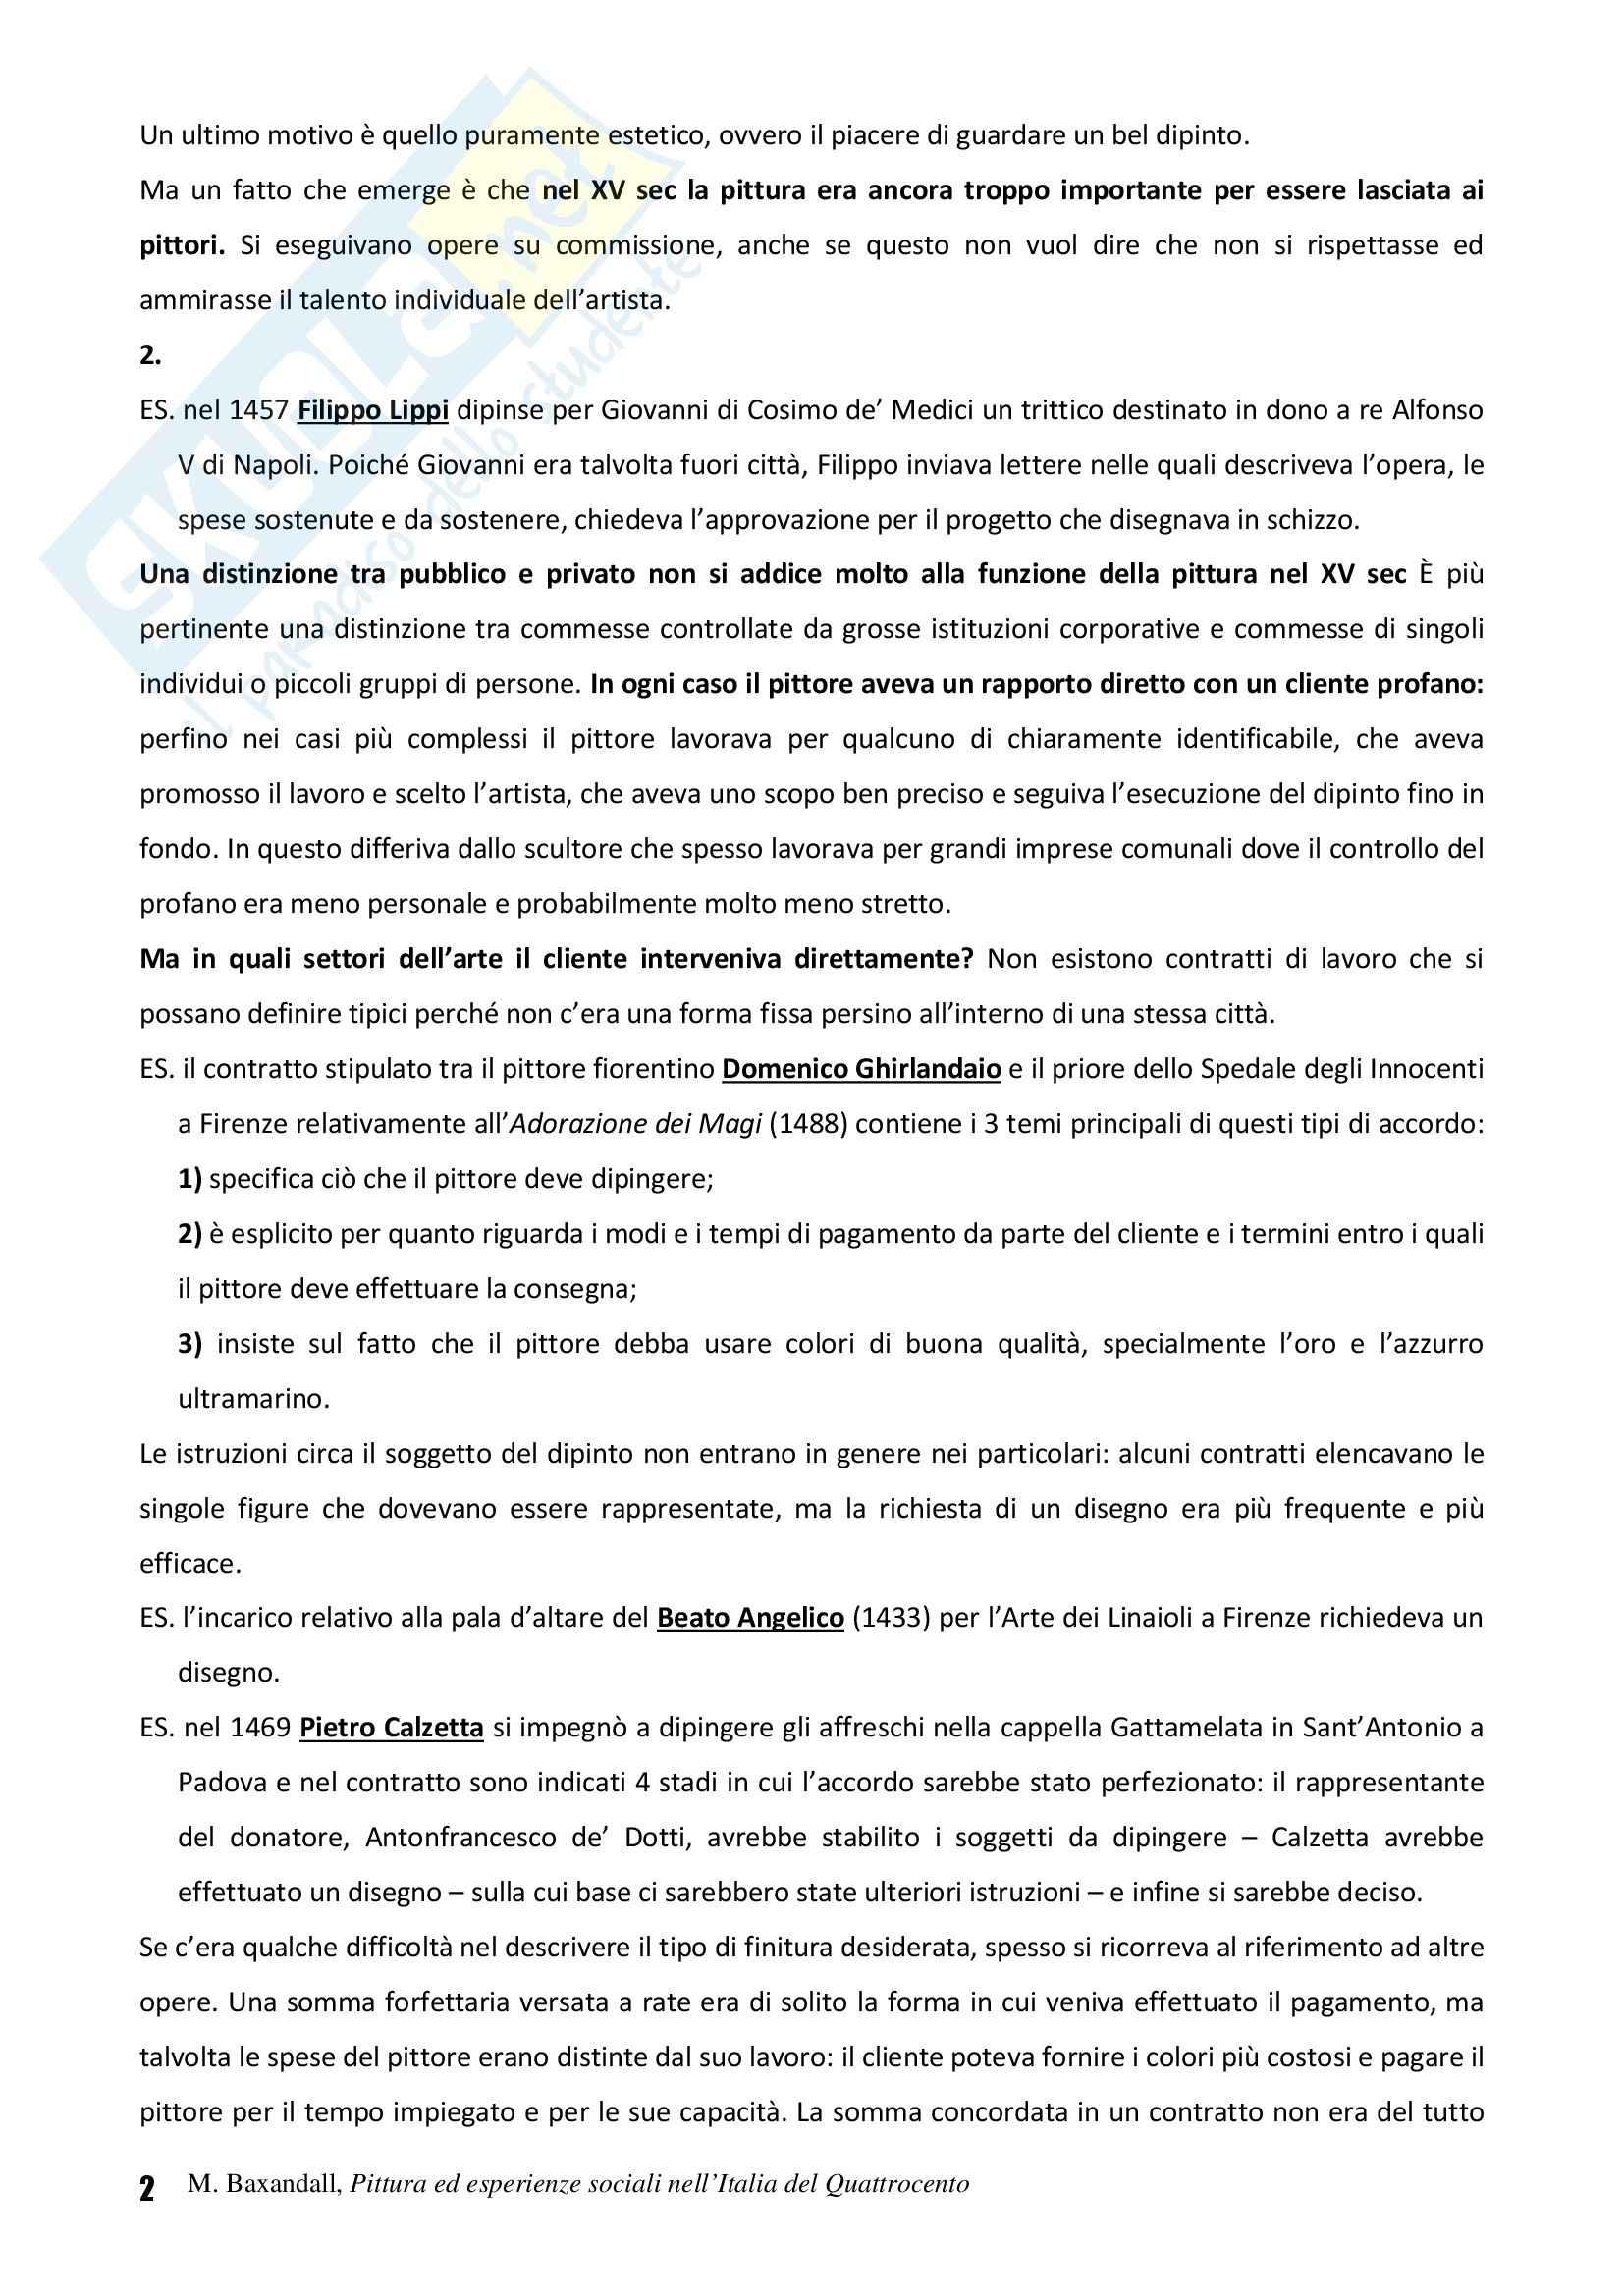 Riassunto esame Storia dell'Arte Fiamminga, prof. Brezzi, libro consigliato Pittura ed Esperienze Sociali nell'Italia del Quattrocento, Baxandall Pag. 2